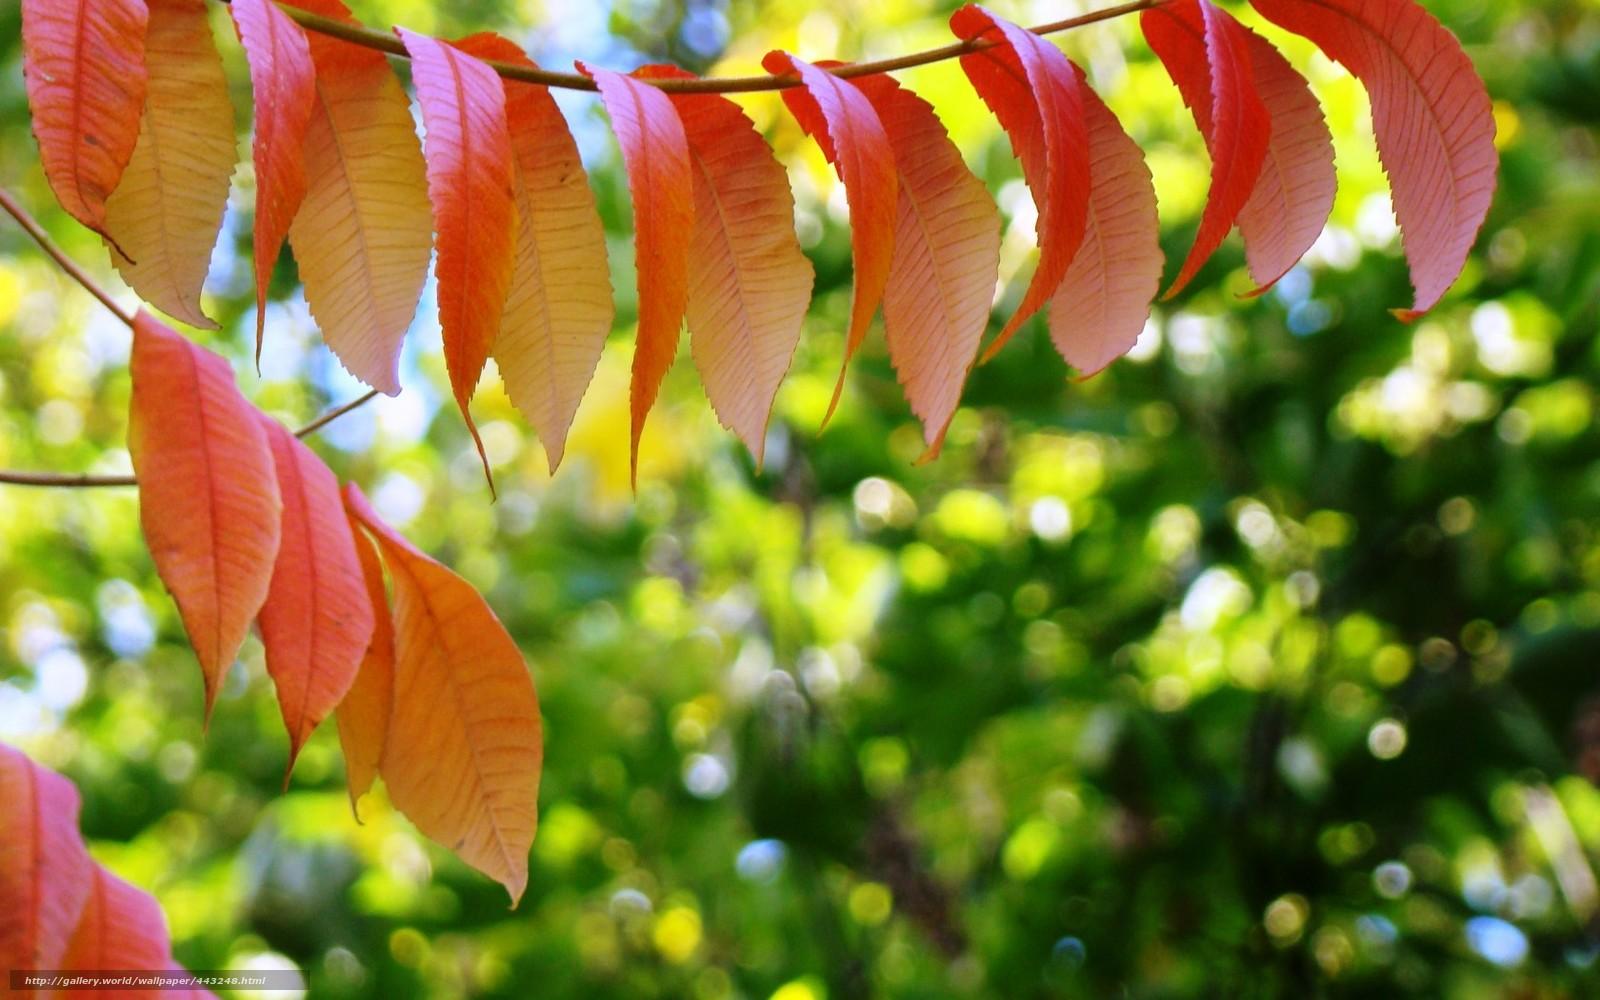 Скачать обои осень,  листья,  яркие краски бесплатно для рабочего стола в разрешении 1680x1050 — картинка №443248